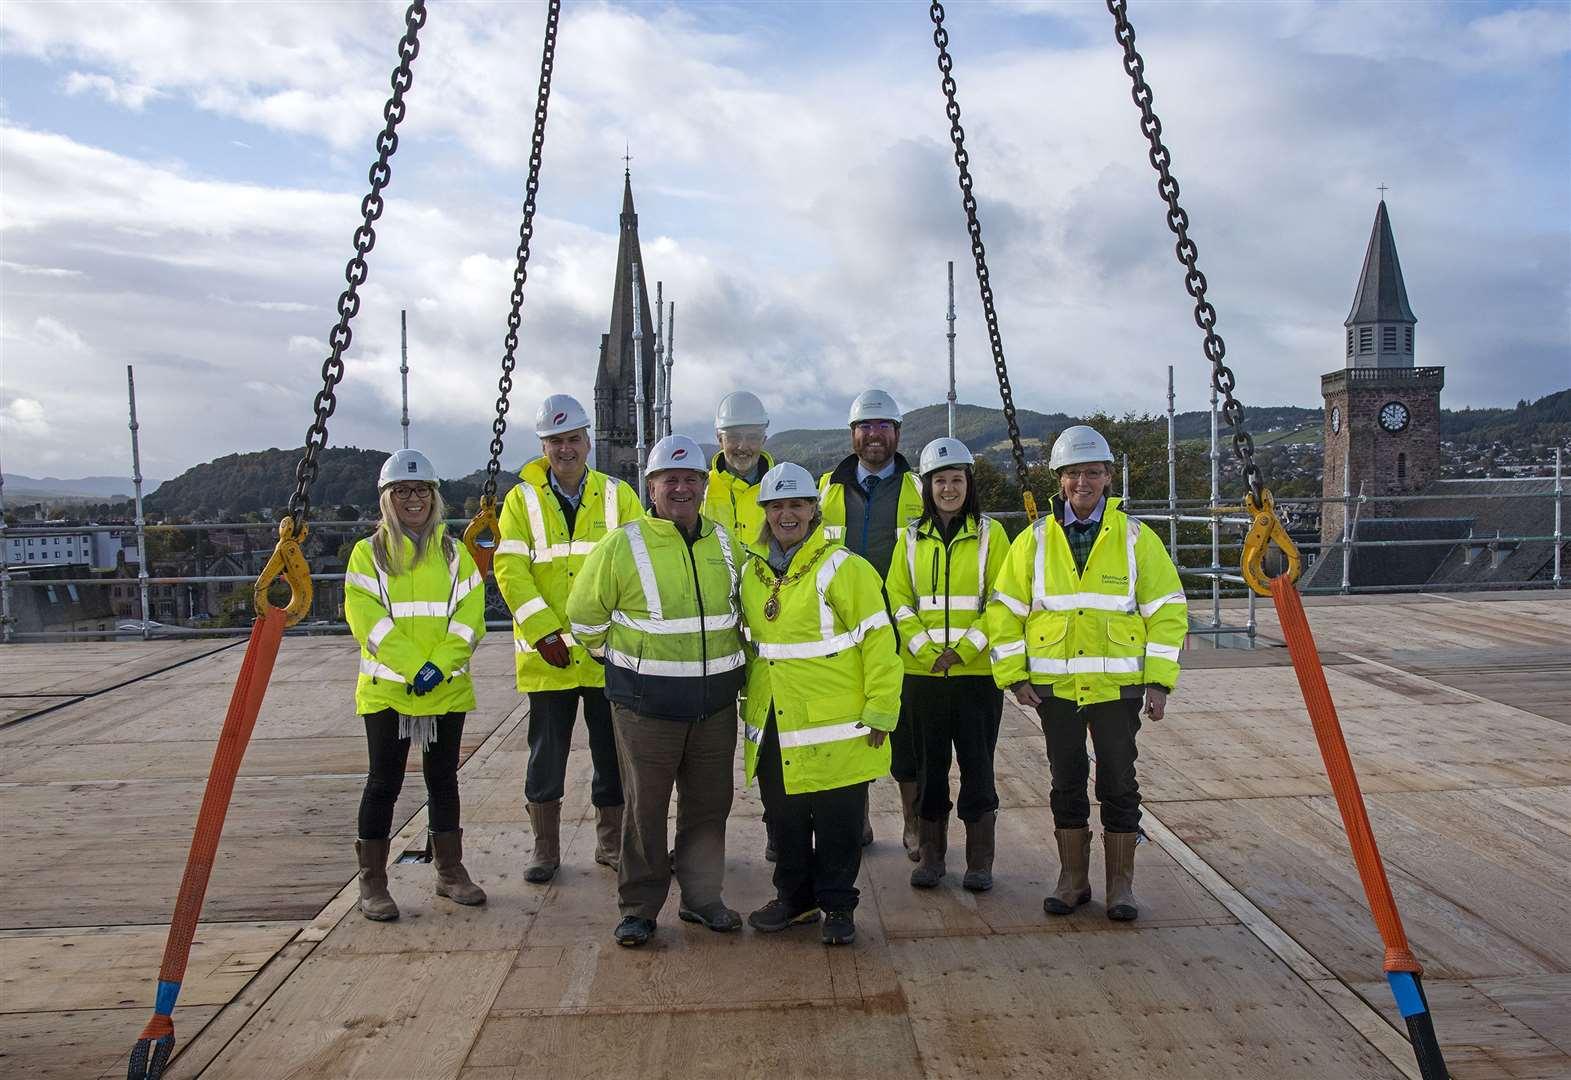 New development in Inverness city centre reaches important milestone